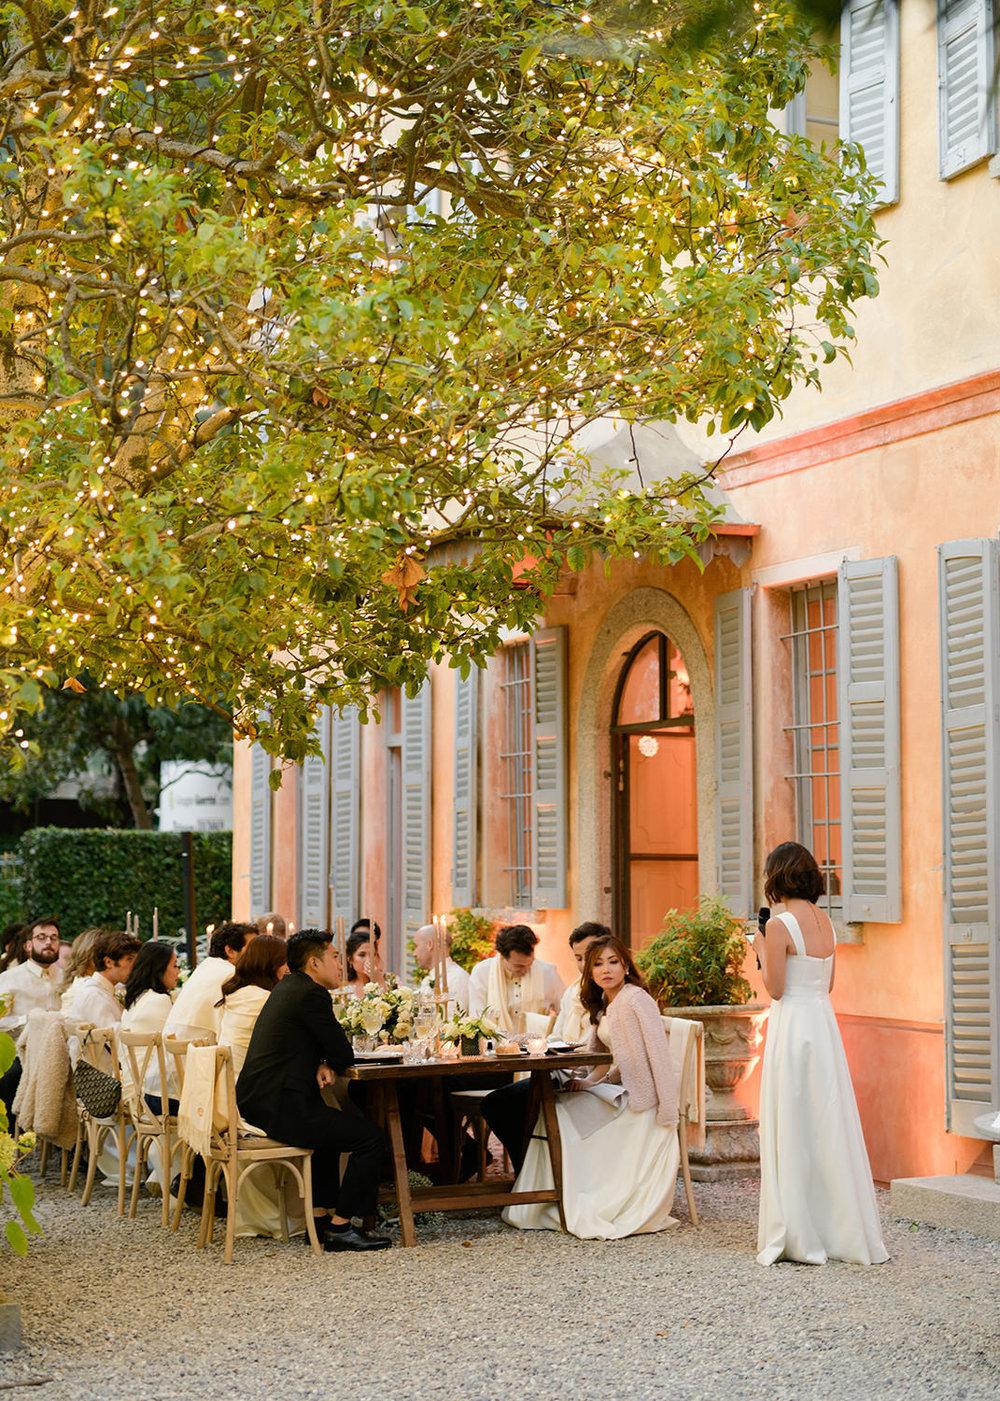 villa-regina-teodolinda-wedding-photographer-C&B-©bottega53-104.JPG